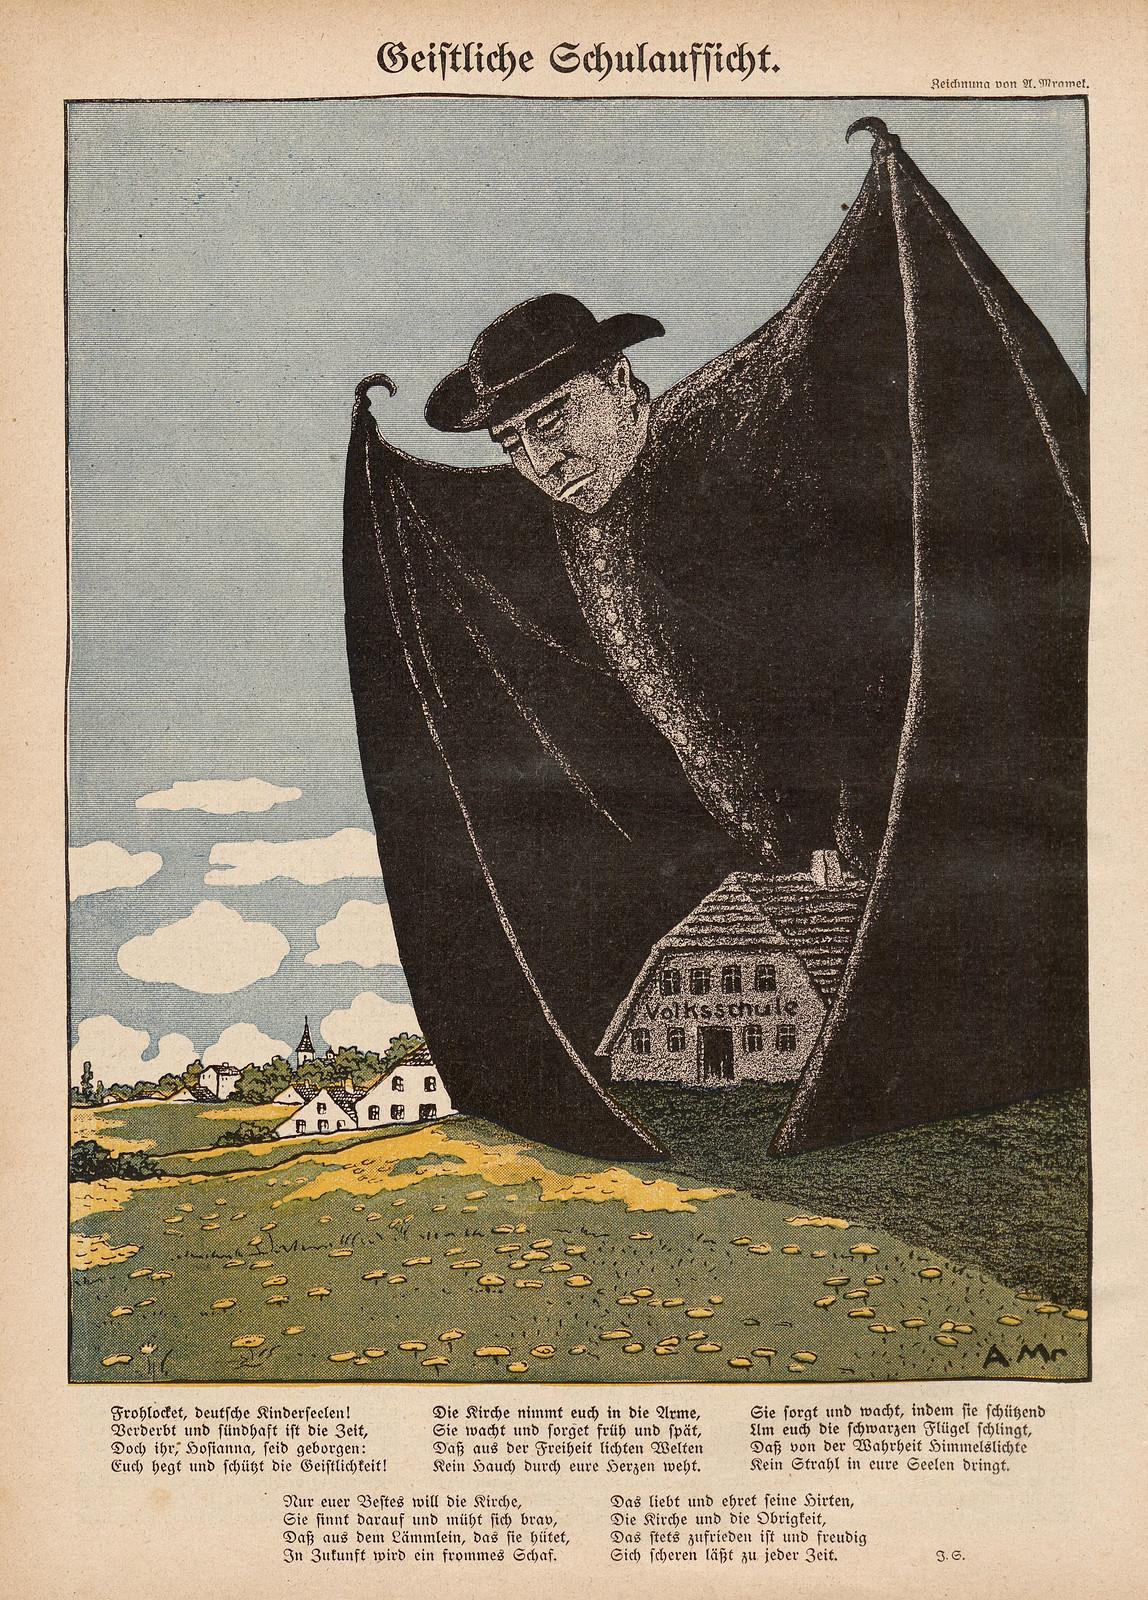 A. Mrawek  - Geistliche Schulaufsicht, 1910